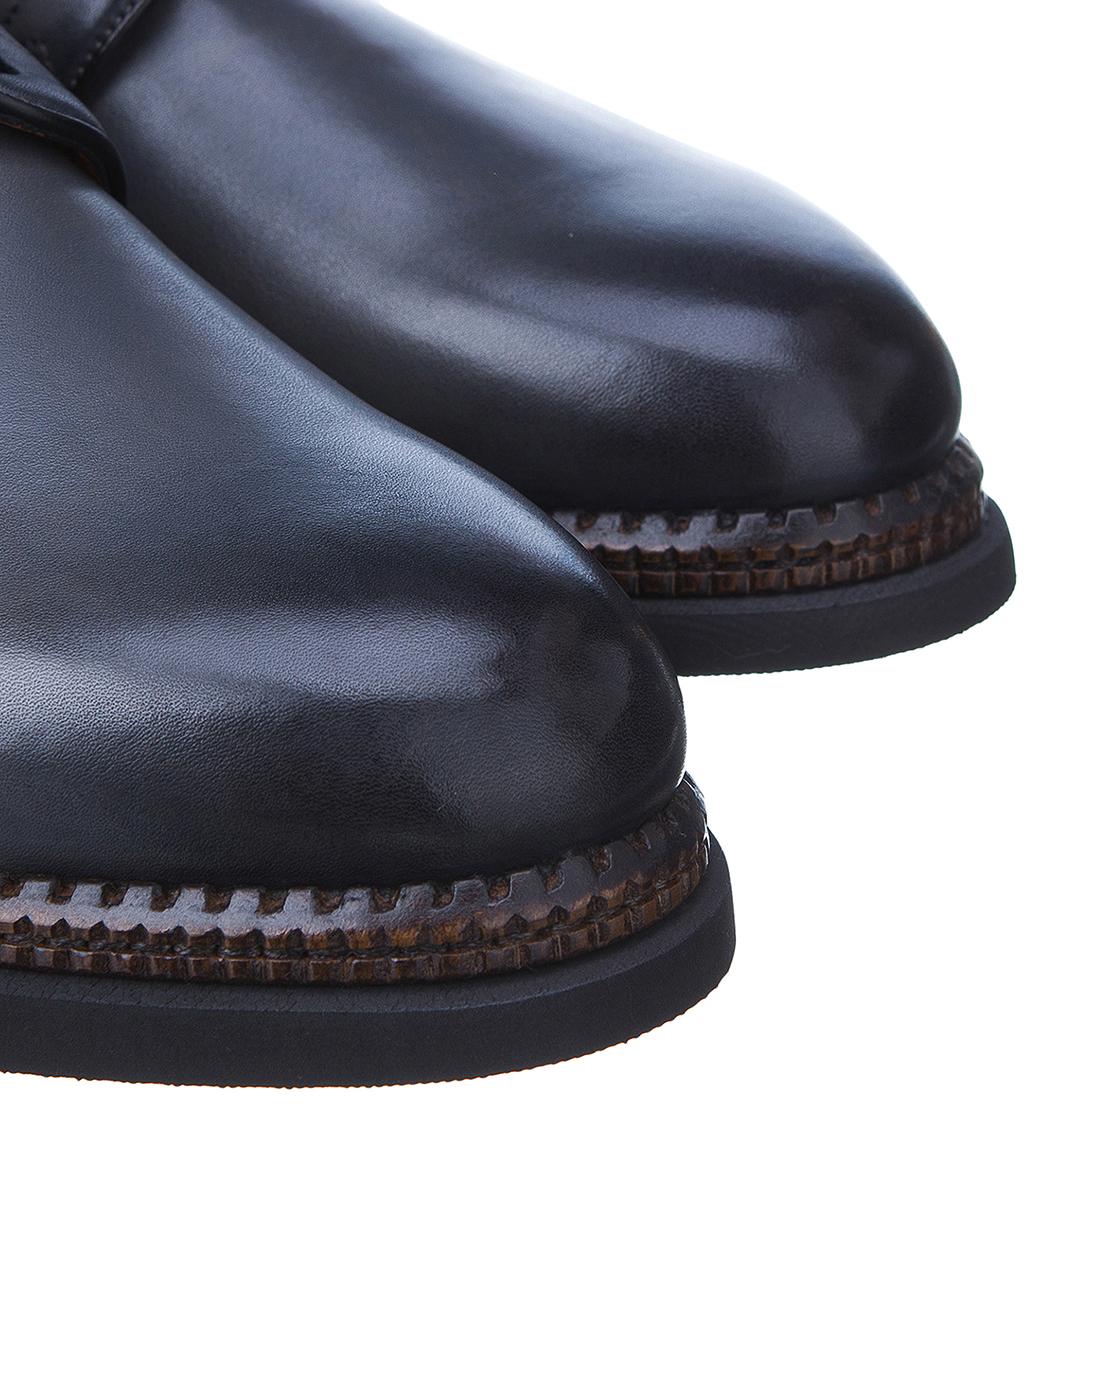 Туфли серые мужские Santoni S16351-4